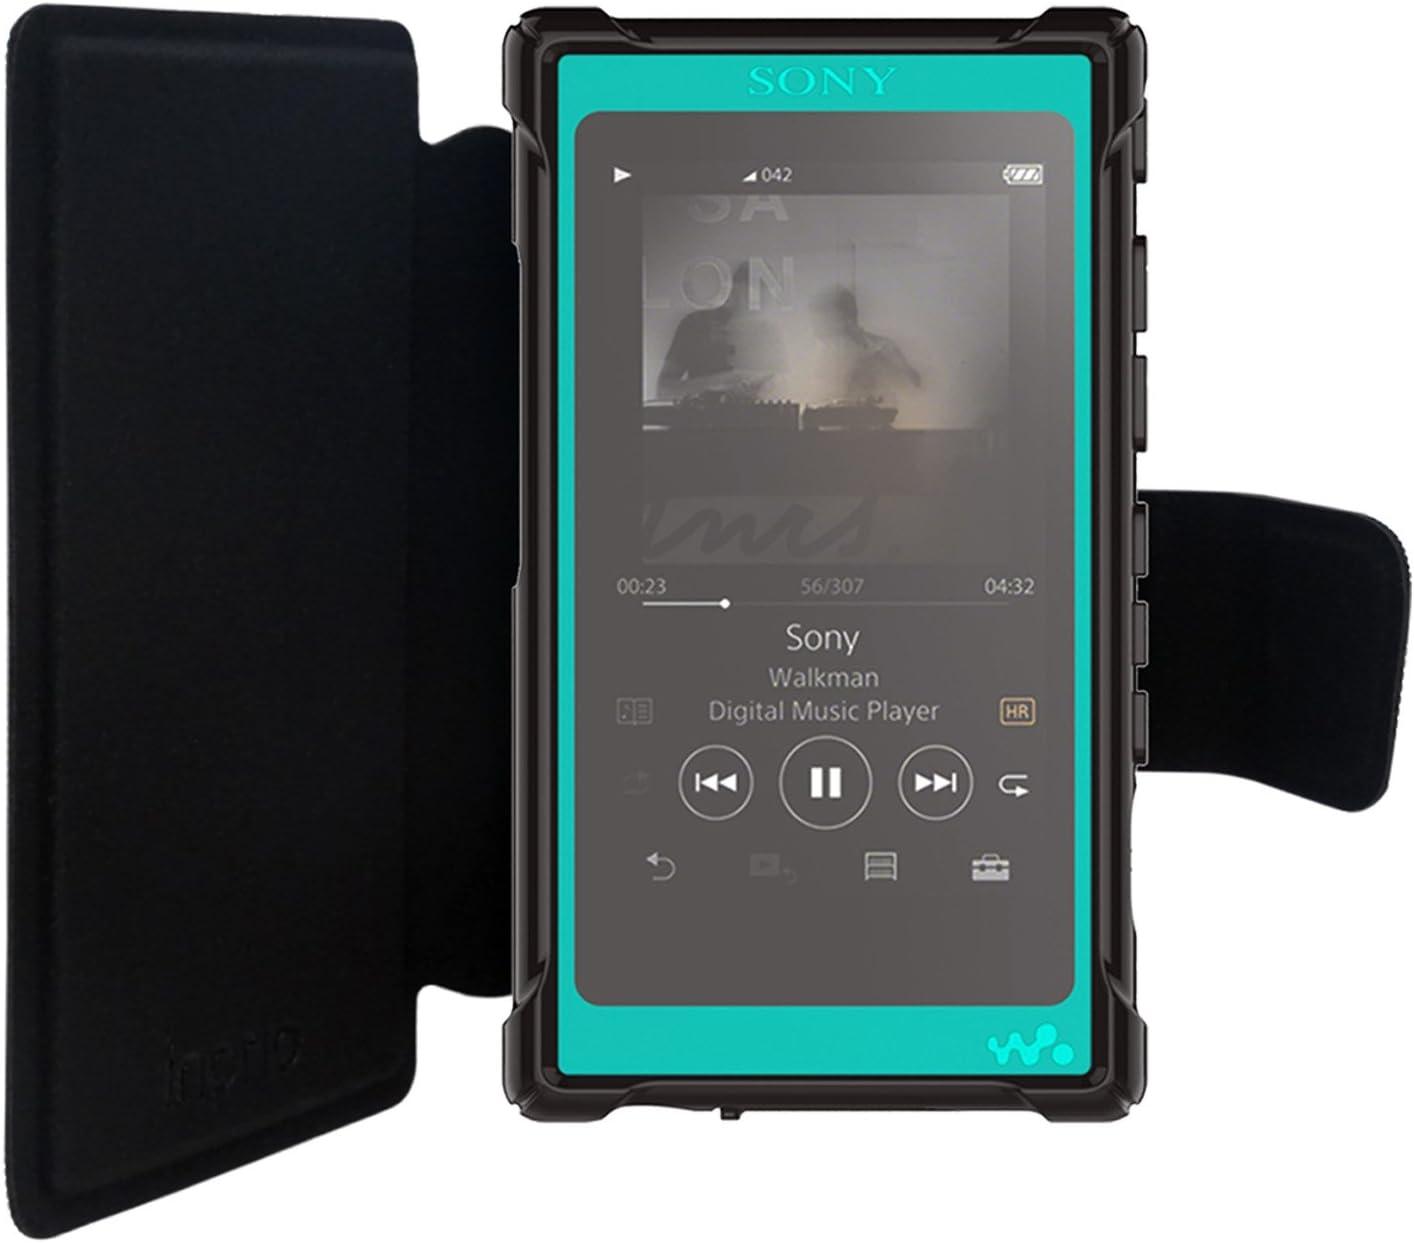 Negro Protector de Pantalla inorlo PU Funda Cuero Flip Piel para Sony Walkman NW-A55 Reproductor de MP3 Case Cover con Cierre Magn/ético